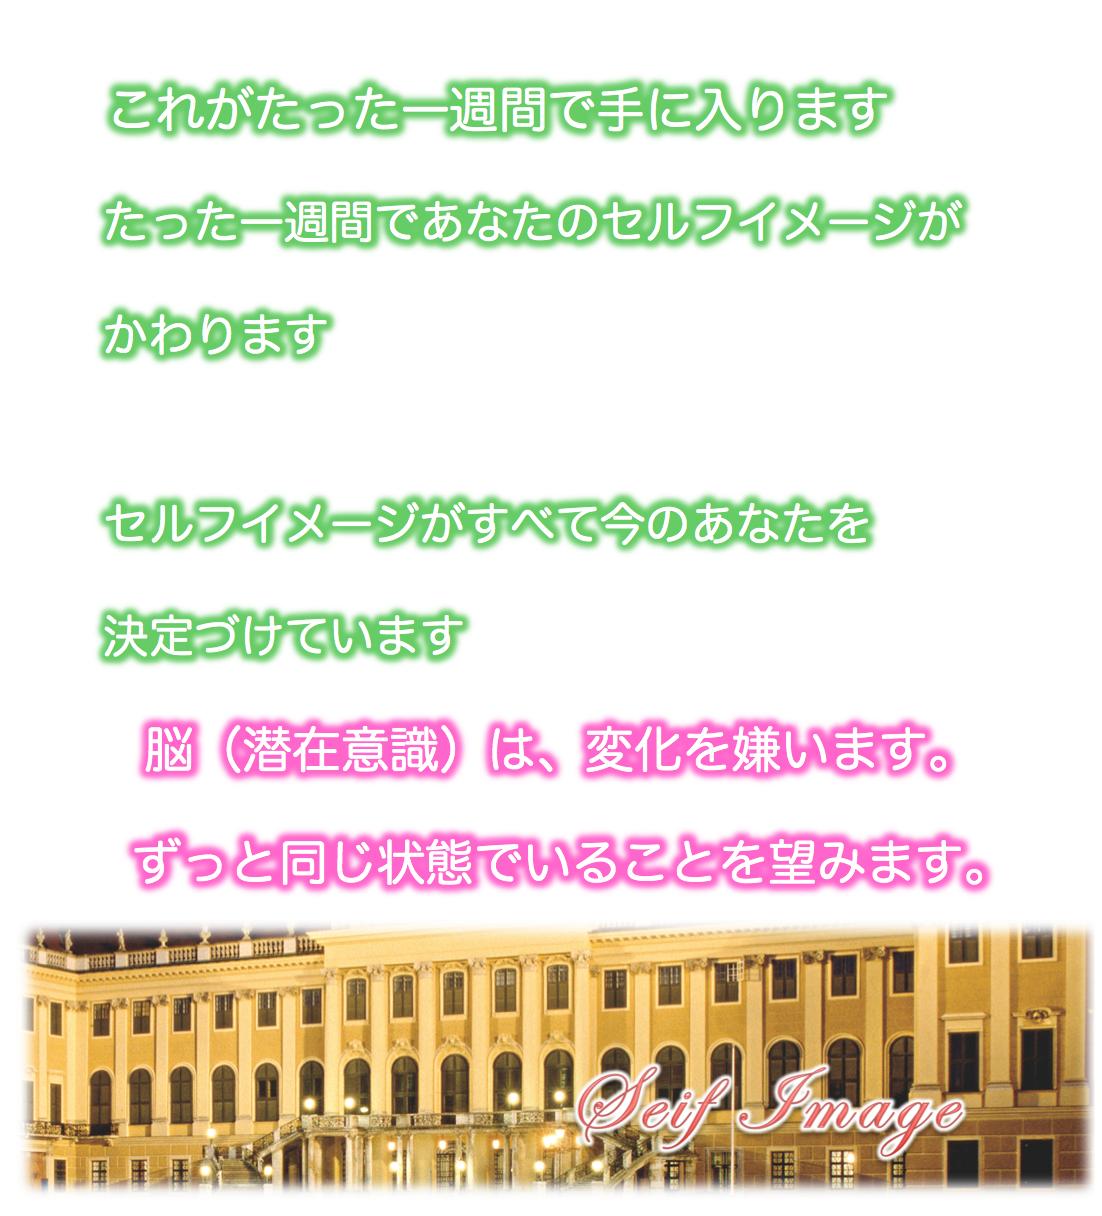 スクリーンショット 2015-11-28 21.06.35